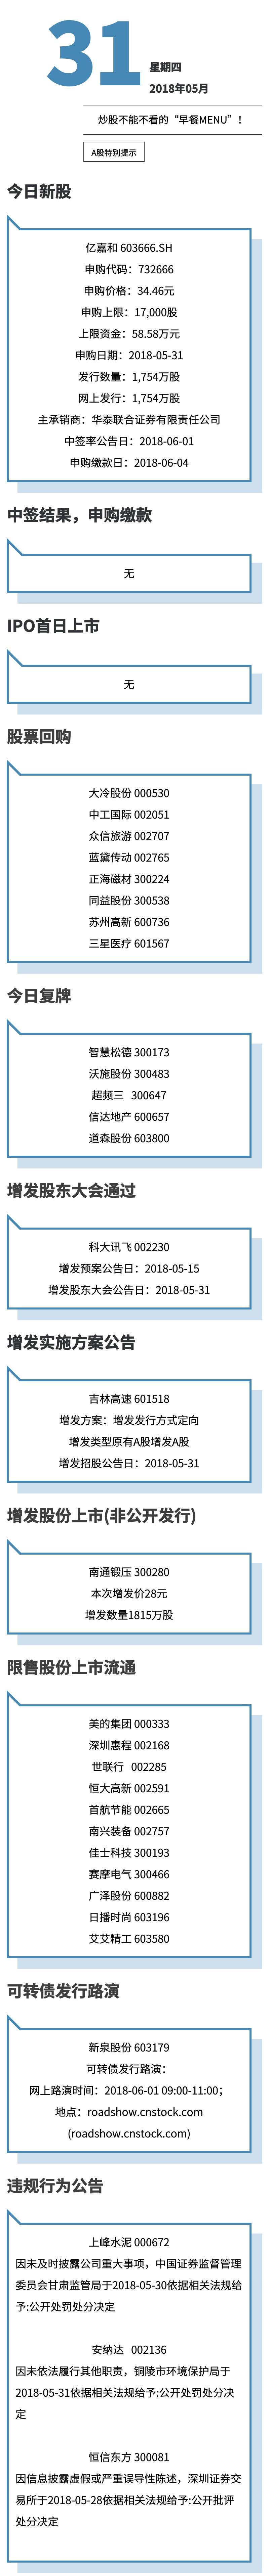 A股特别提示(2018-05-31)1.jpg